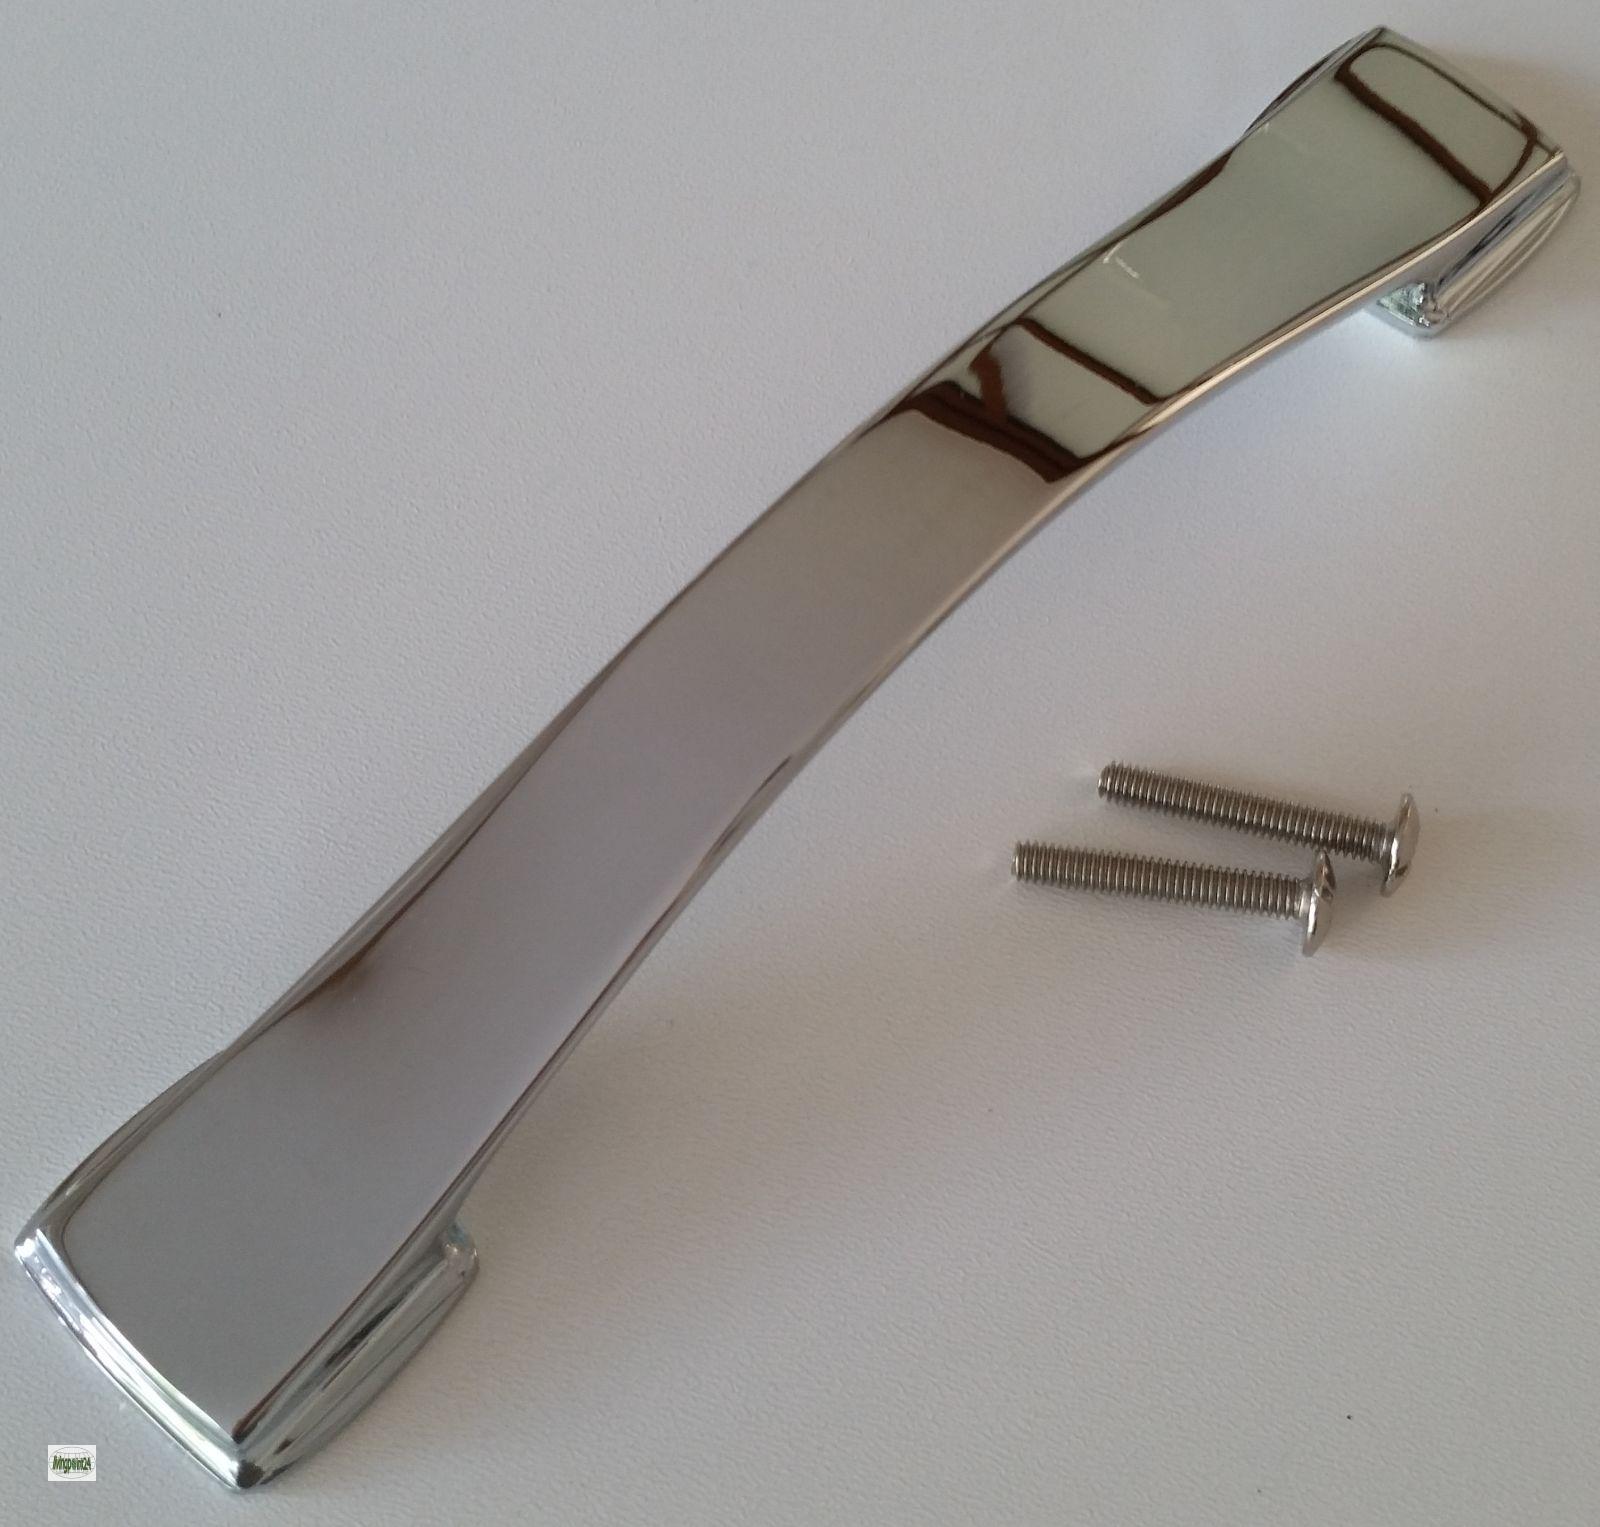 Maniglie per mobili BA 128 e 160 mm Cucina maniglie cromate Maniglia ...